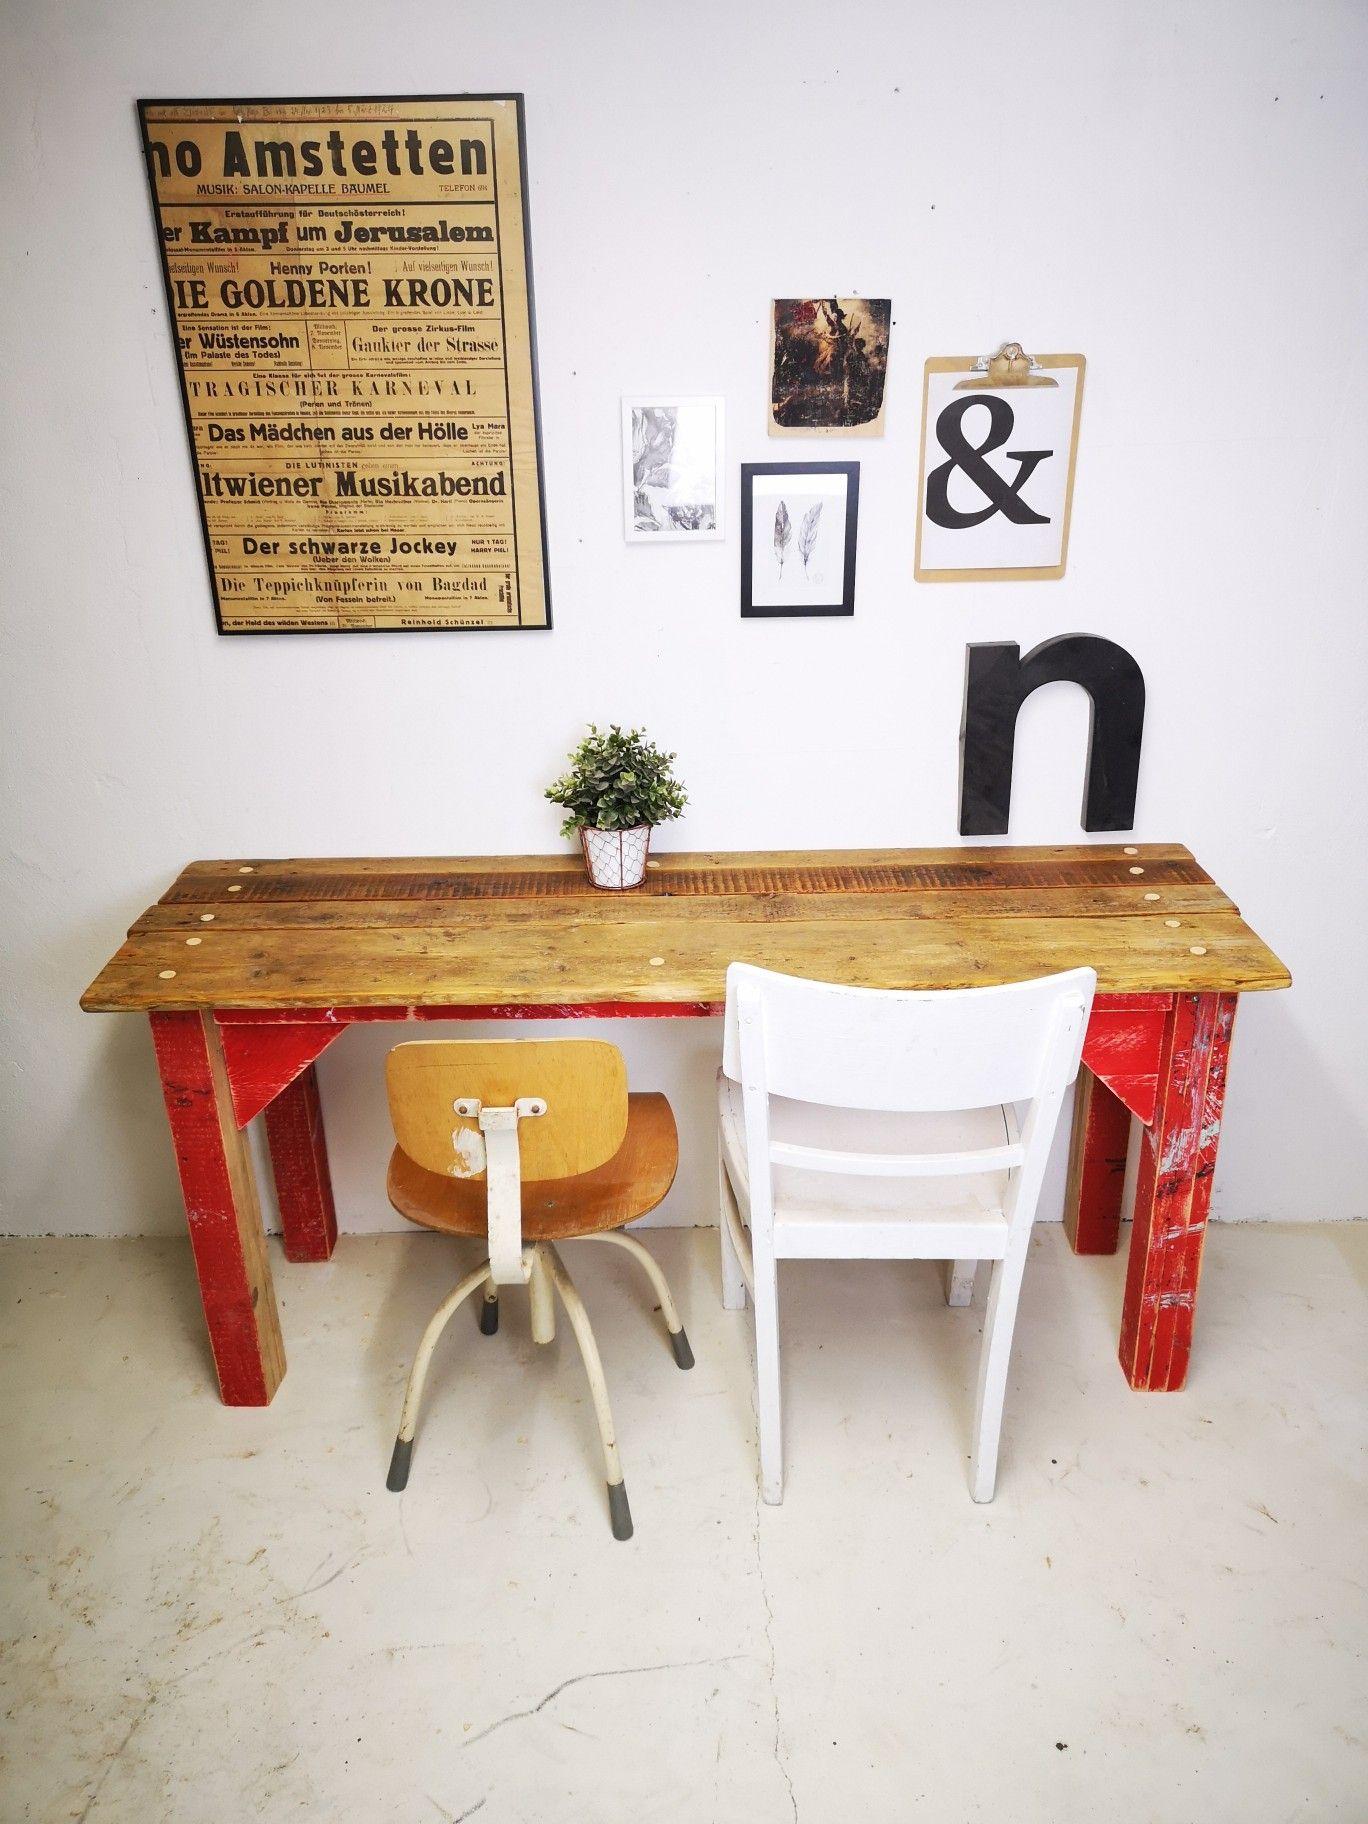 Werktisch Tisch Esstisch Rustikal Loft Industrial Rot Bauholz